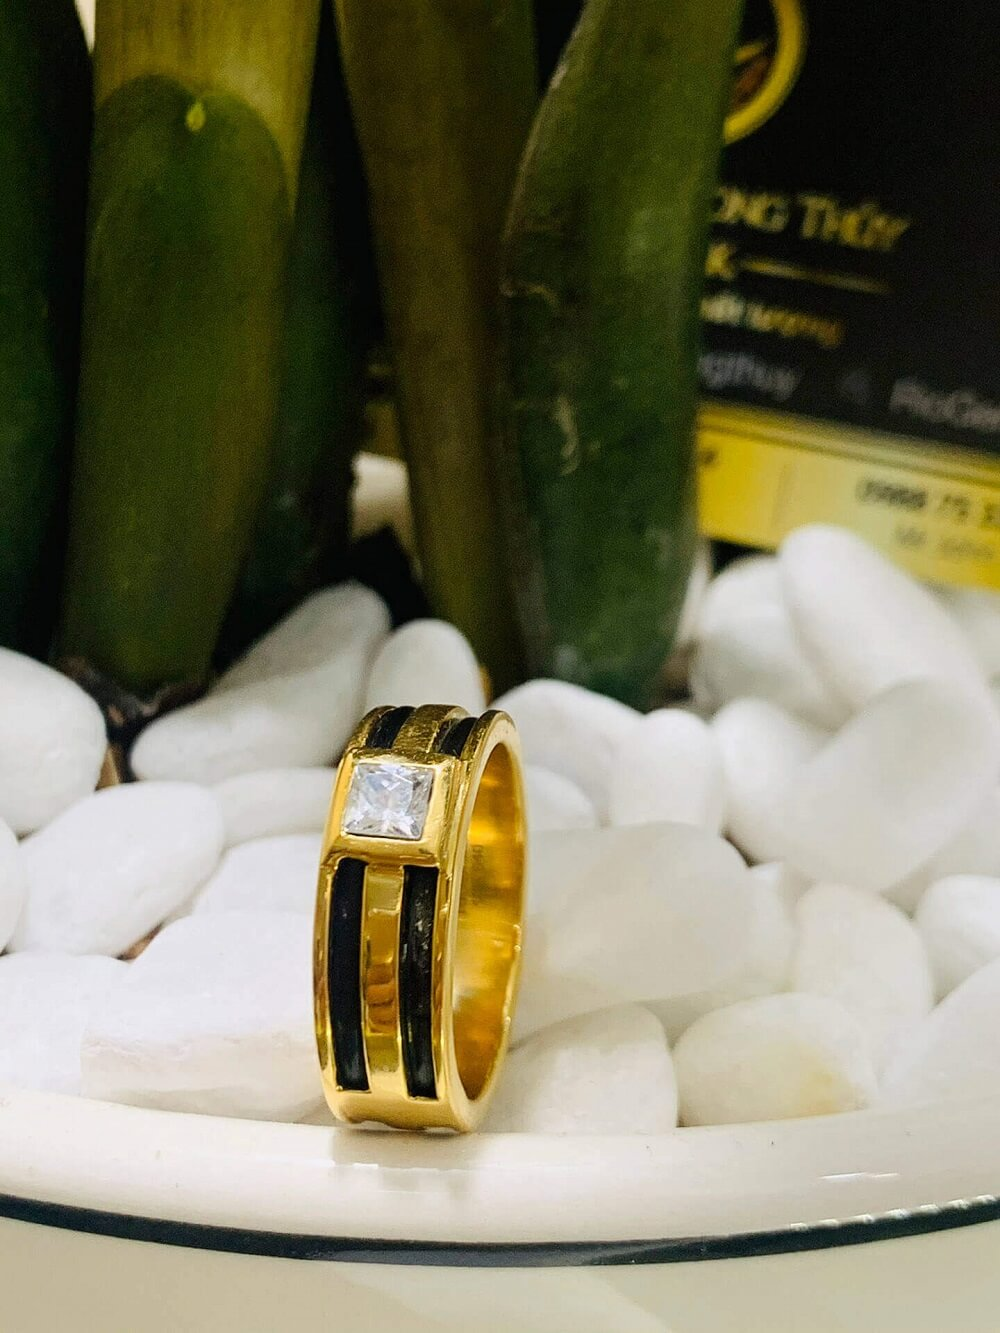 Nhẫn vàng nam mặt đá vuông trắng luồng 2 lông voi FAKE giá tốt